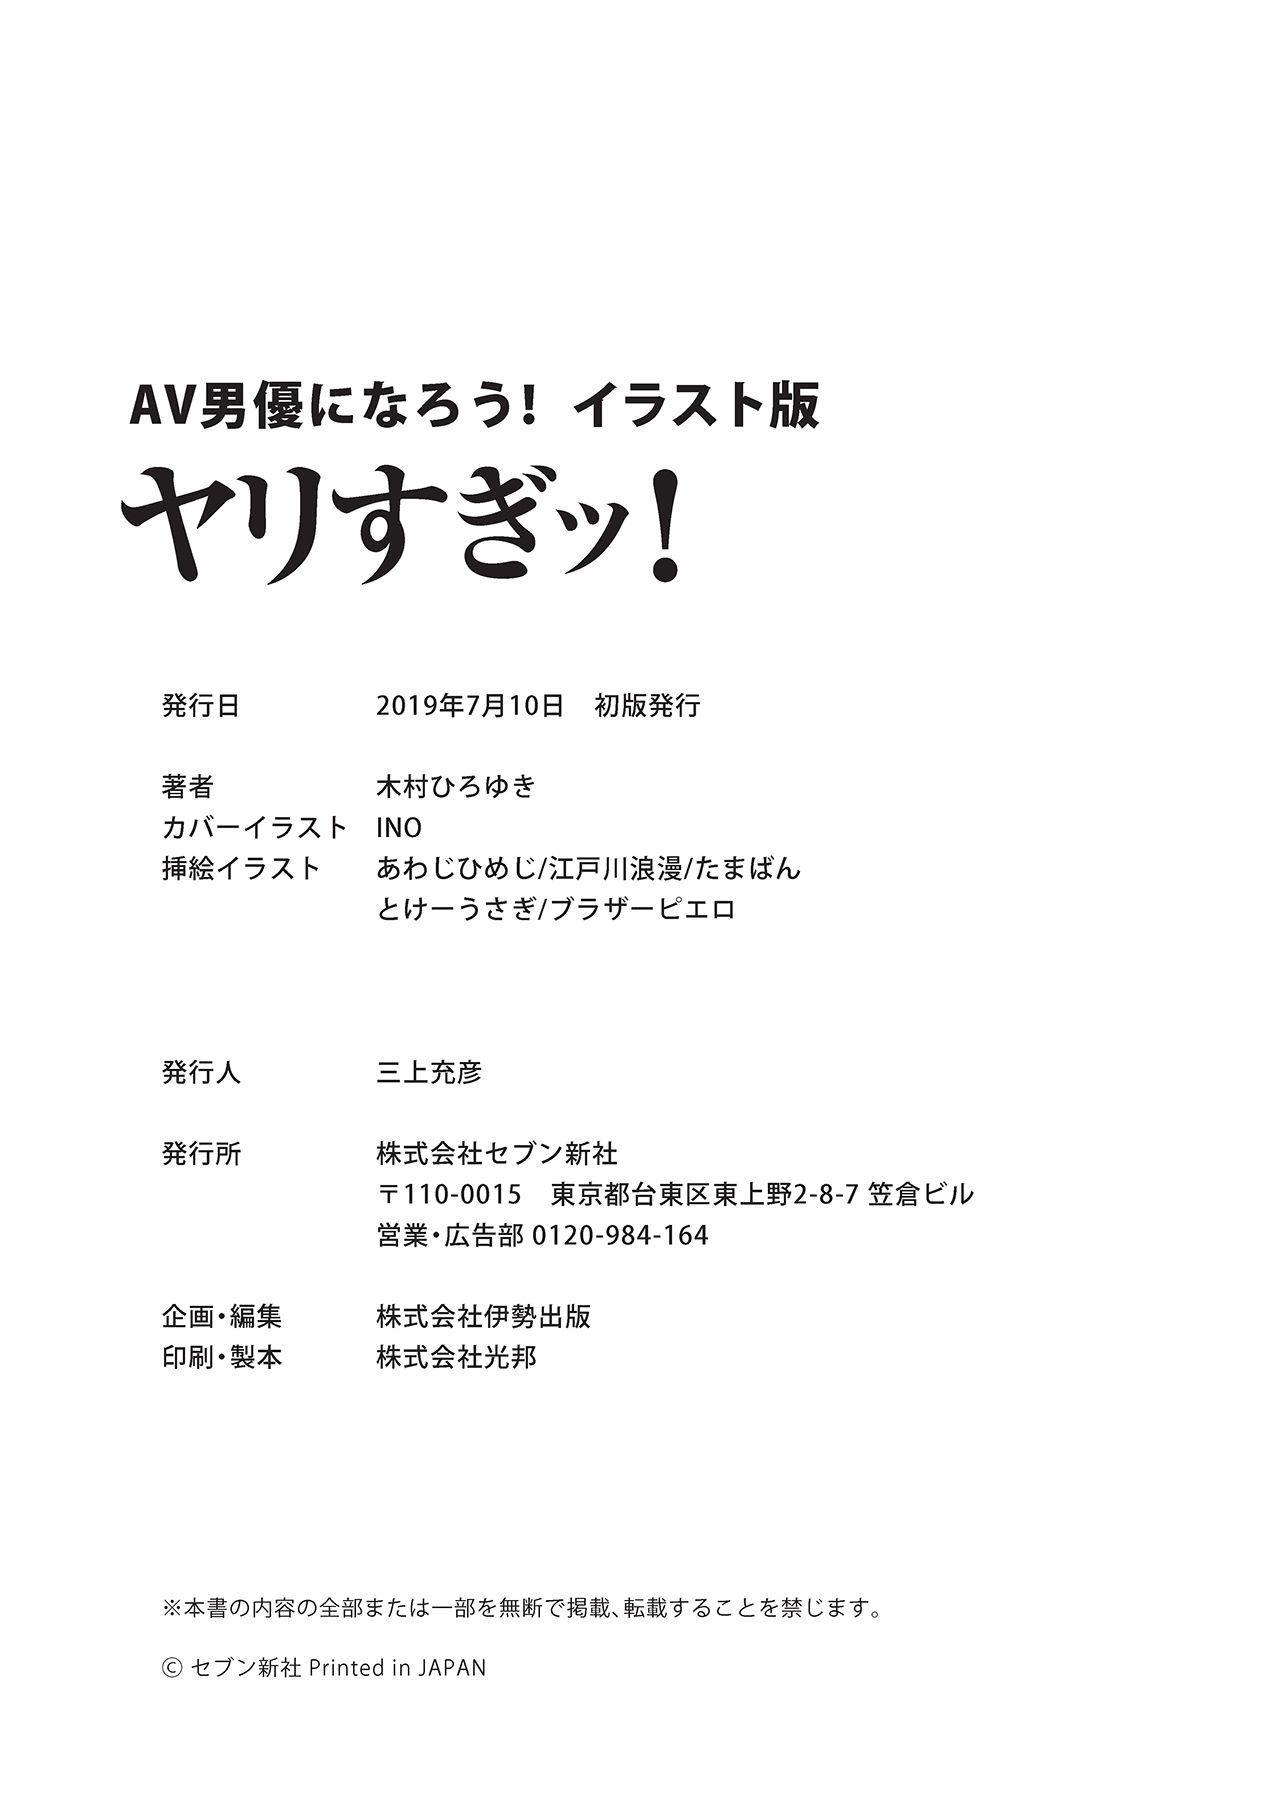 AV男優になろう! イラスト版 ヤリすぎッ! 129